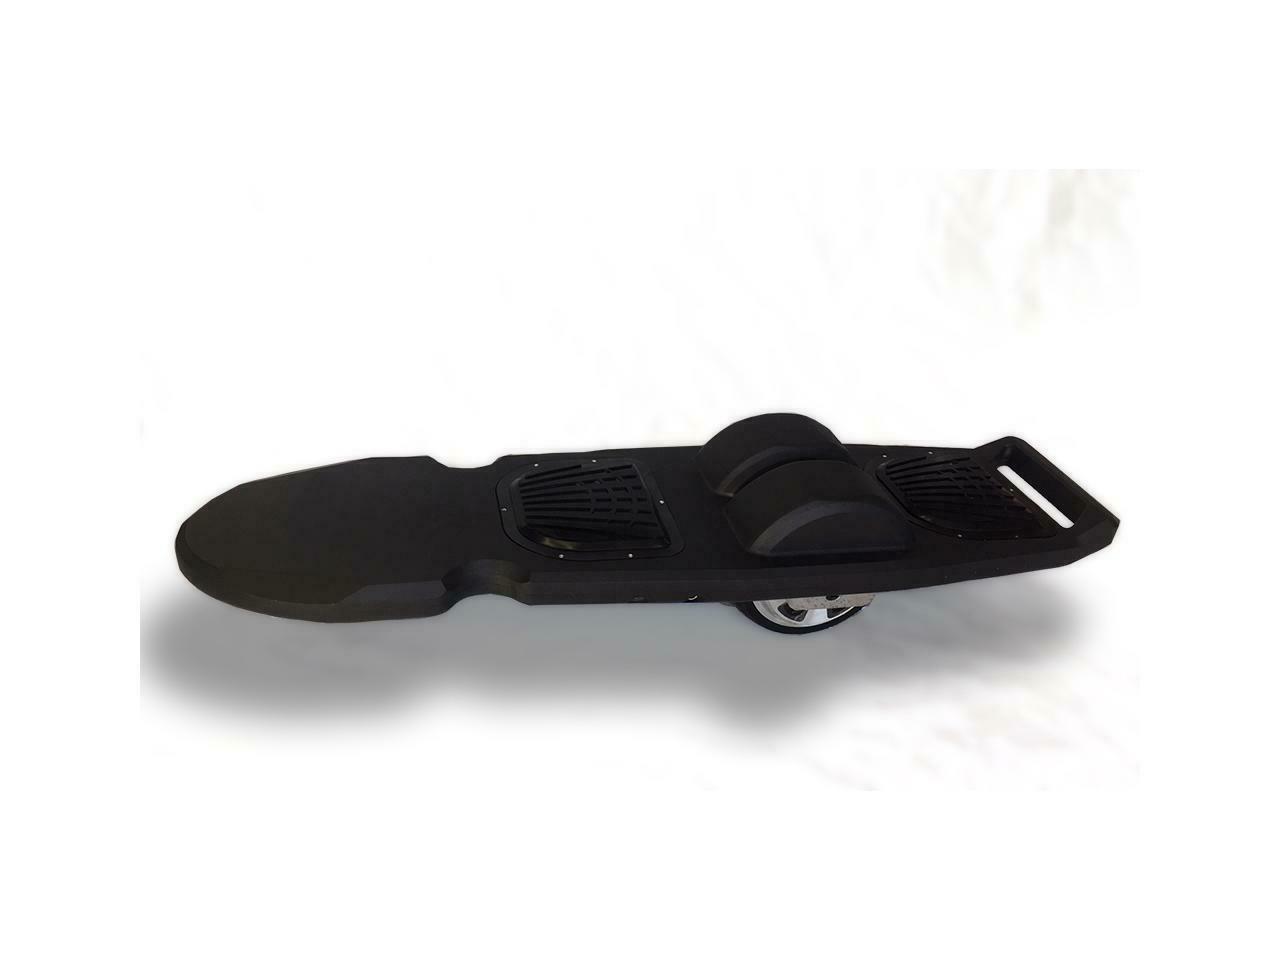 Gyropad GSP65 Skateboard Dual Fast